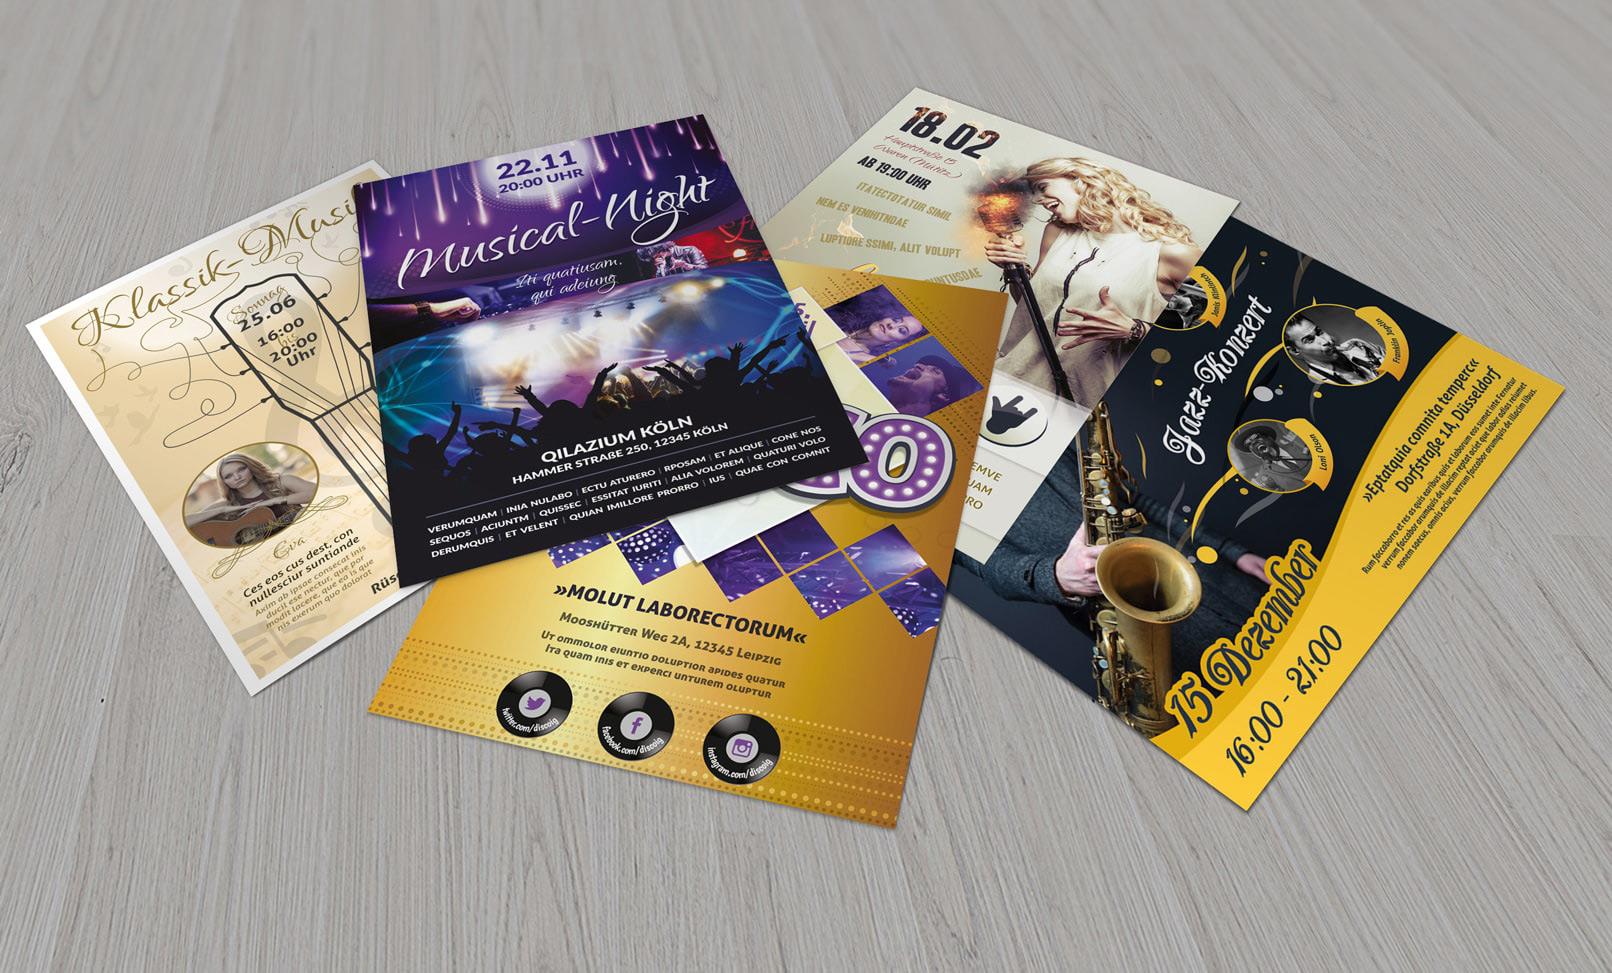 Flyer-Vorlagen für Musical und Konzerte